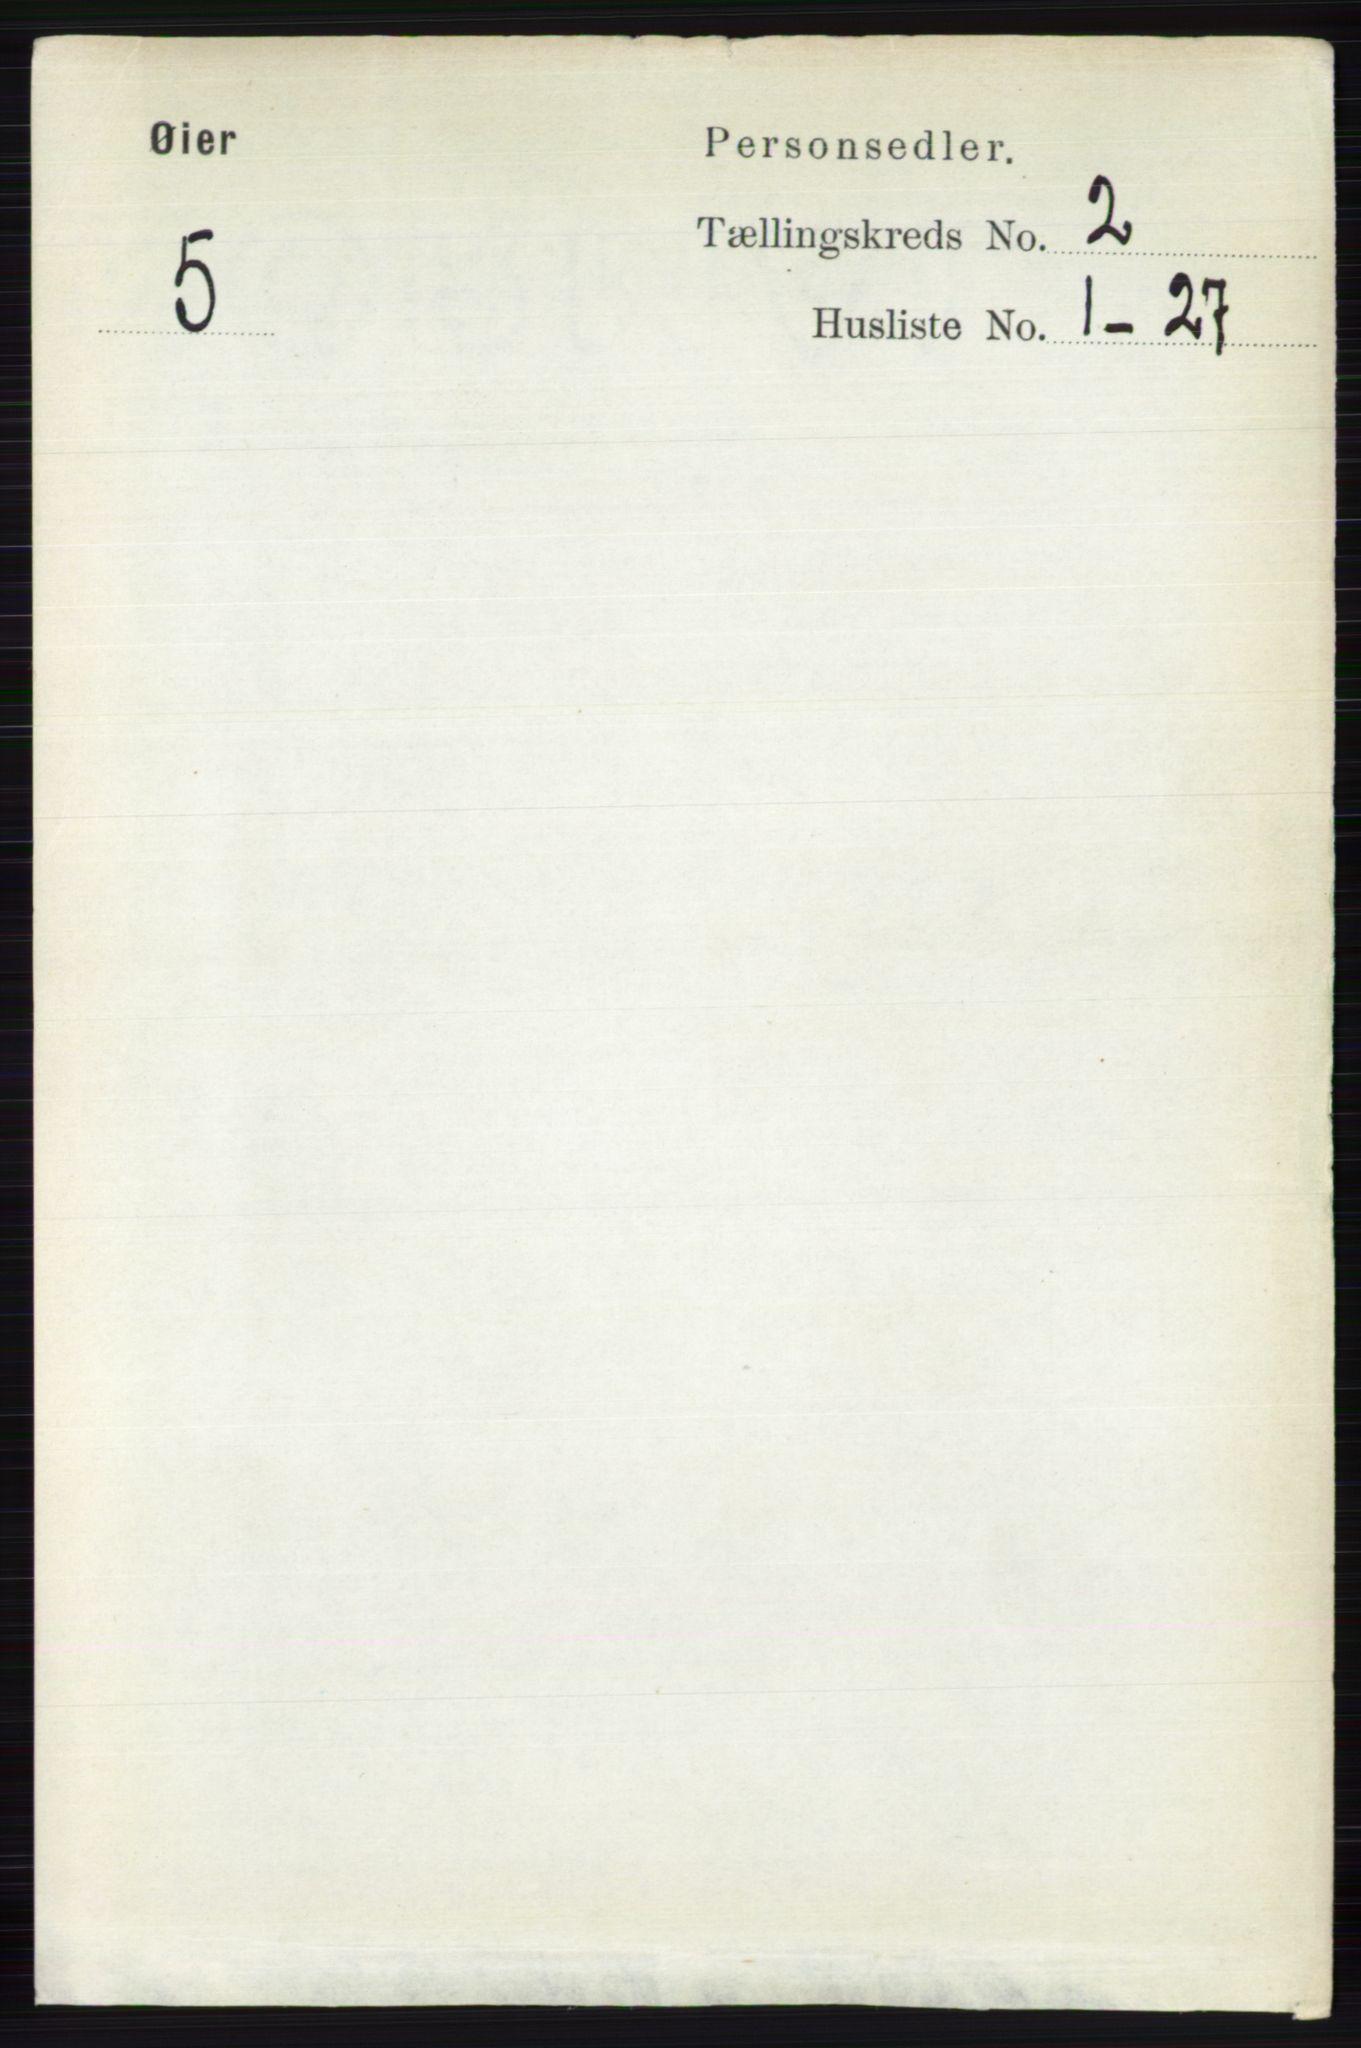 RA, Folketelling 1891 for 0521 Øyer herred, 1891, s. 482